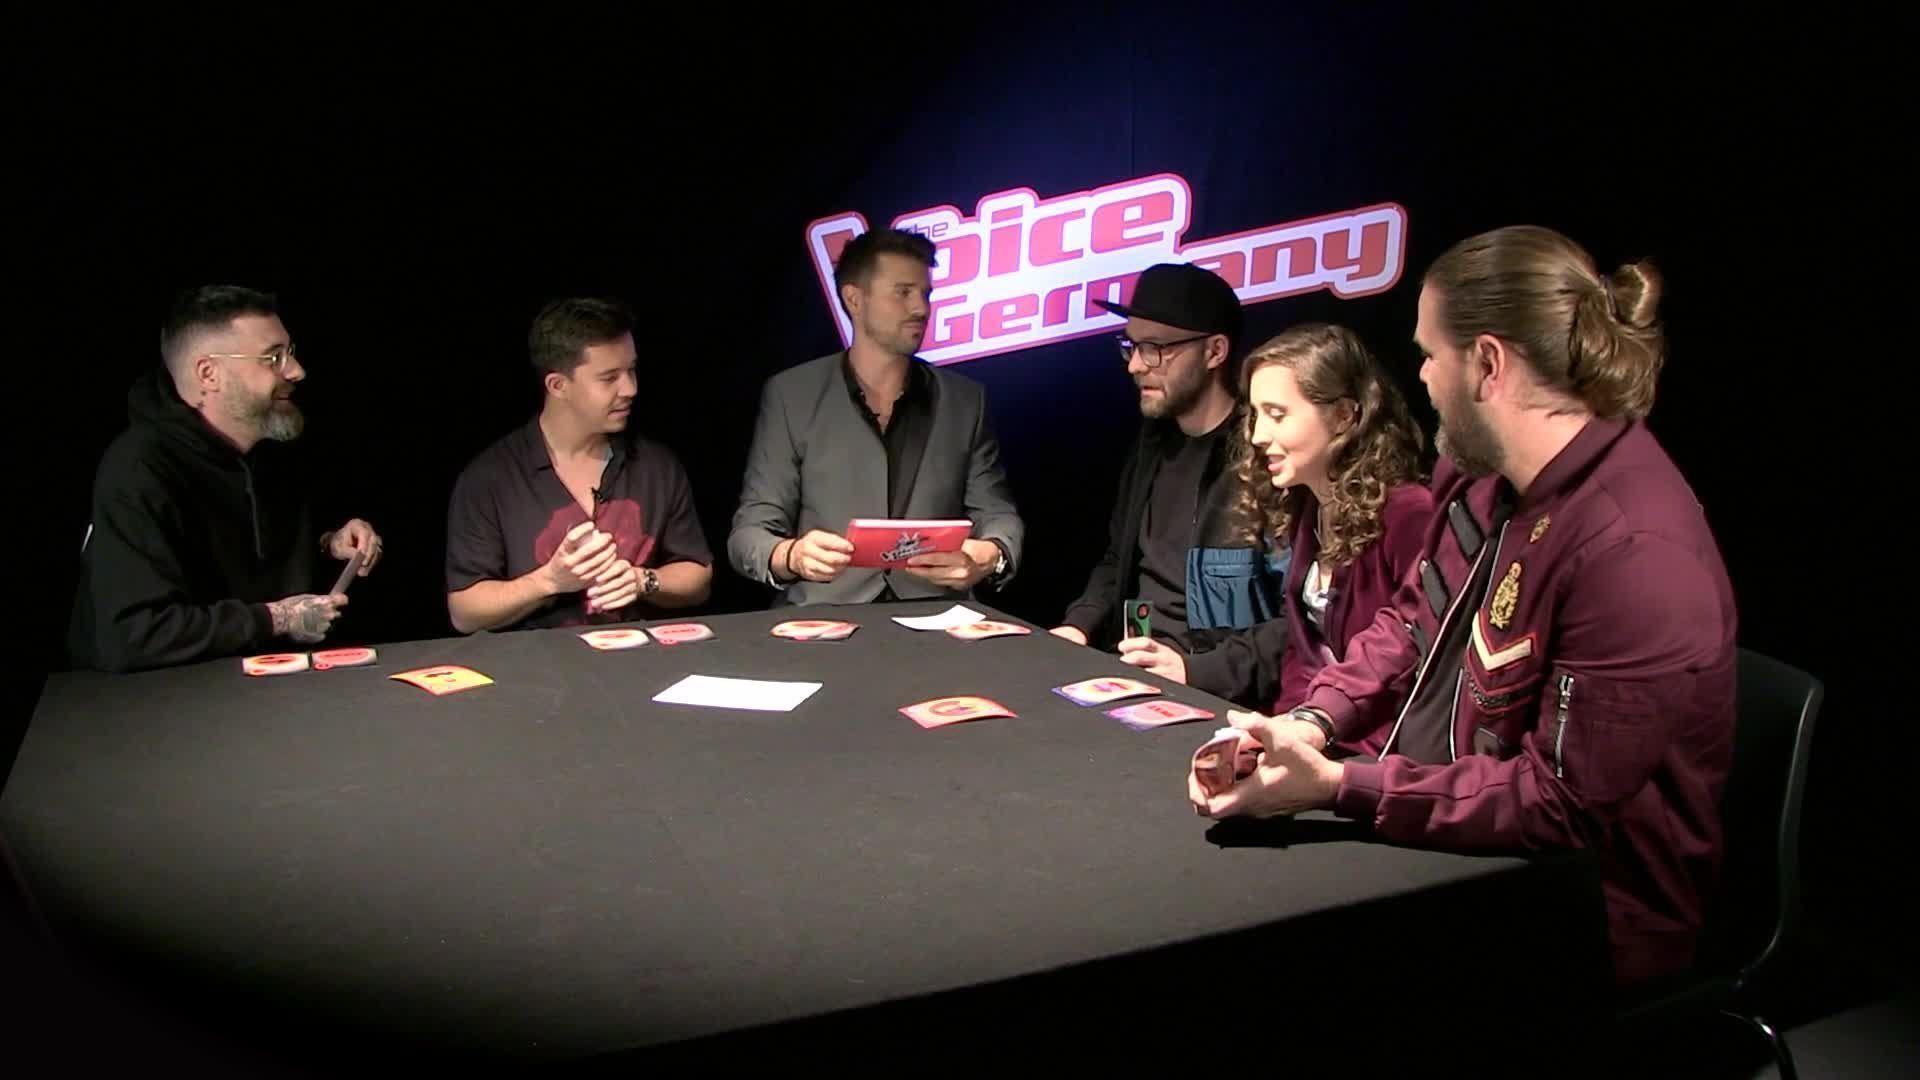 krombacher de gewinnspiel roulette